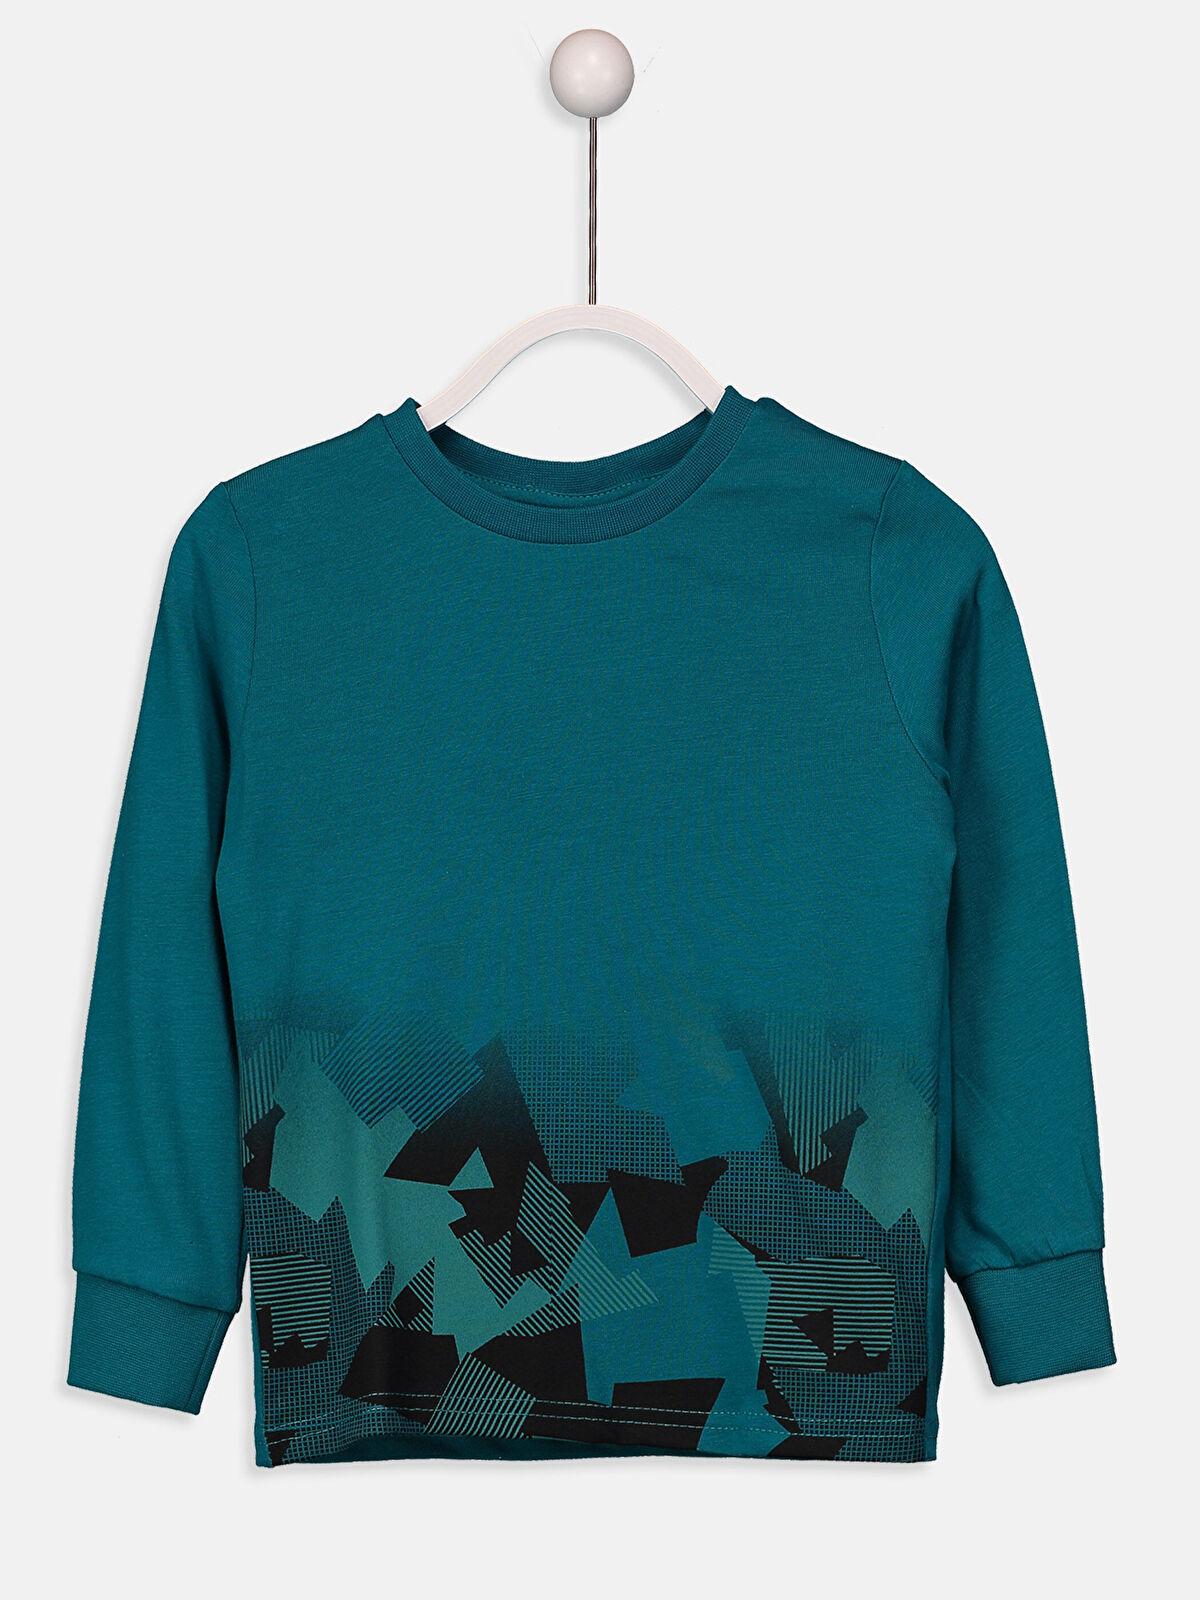 Baskılı Pamuklu Sweatshirt - LC WAIKIKI